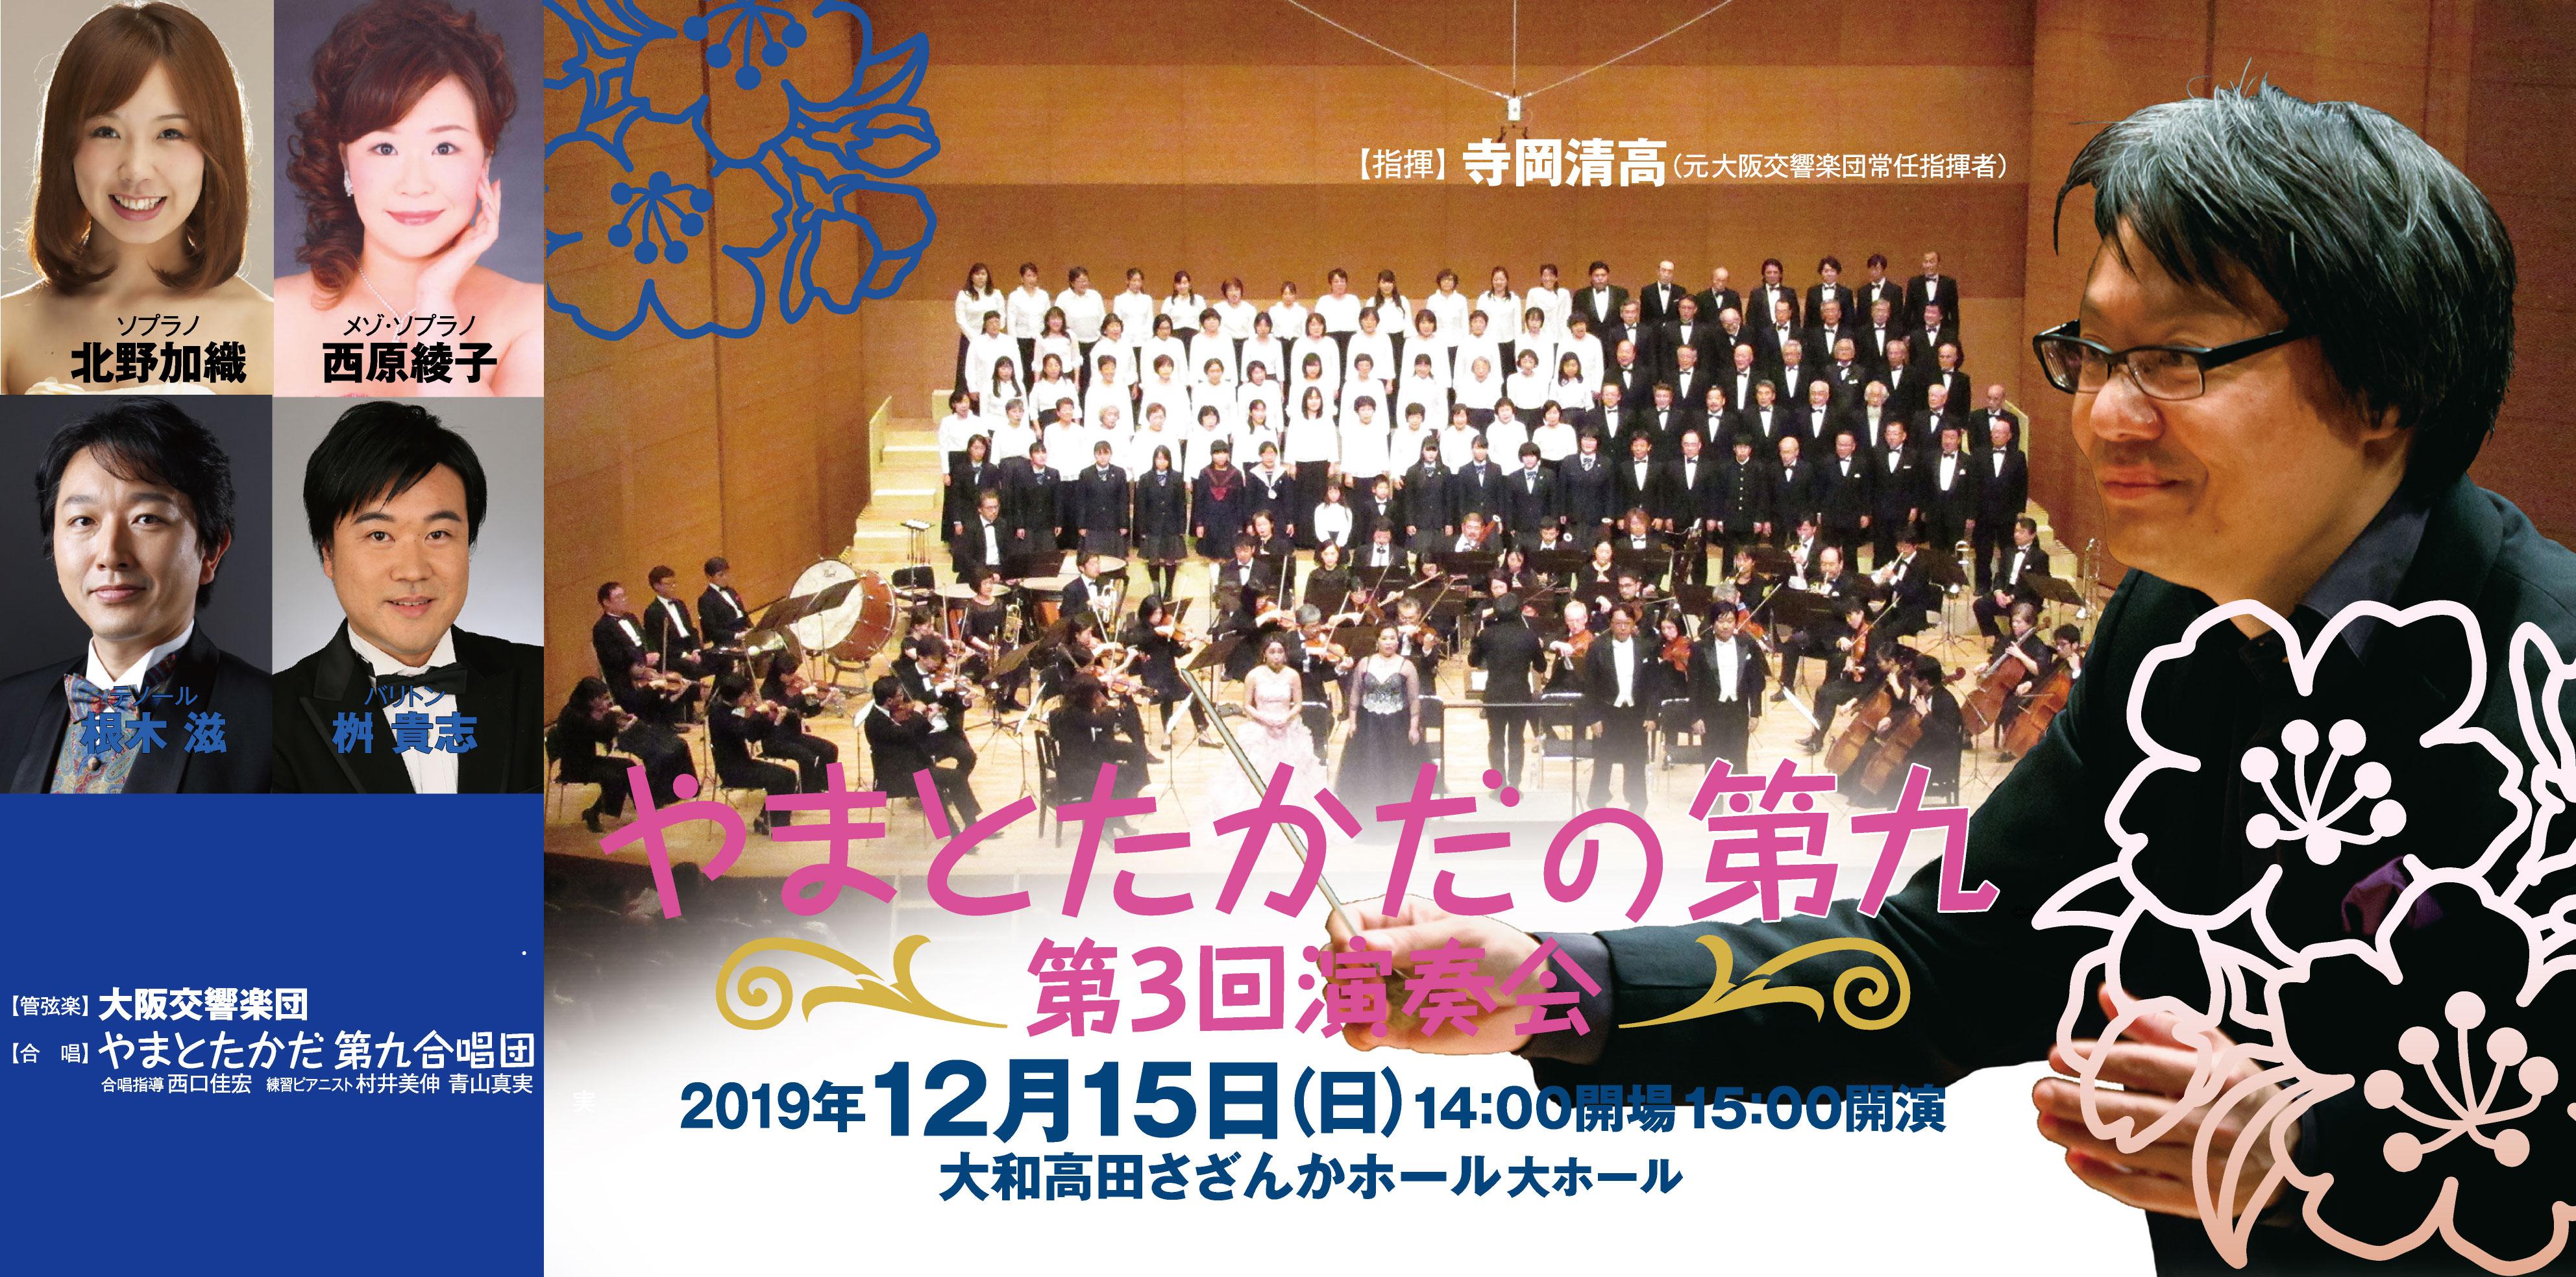 2019年、イベント、奈良県、大和高田市、12月、コンサート、ライブ、大和高田さざんかホール、観賞、やまとたかだの第九。